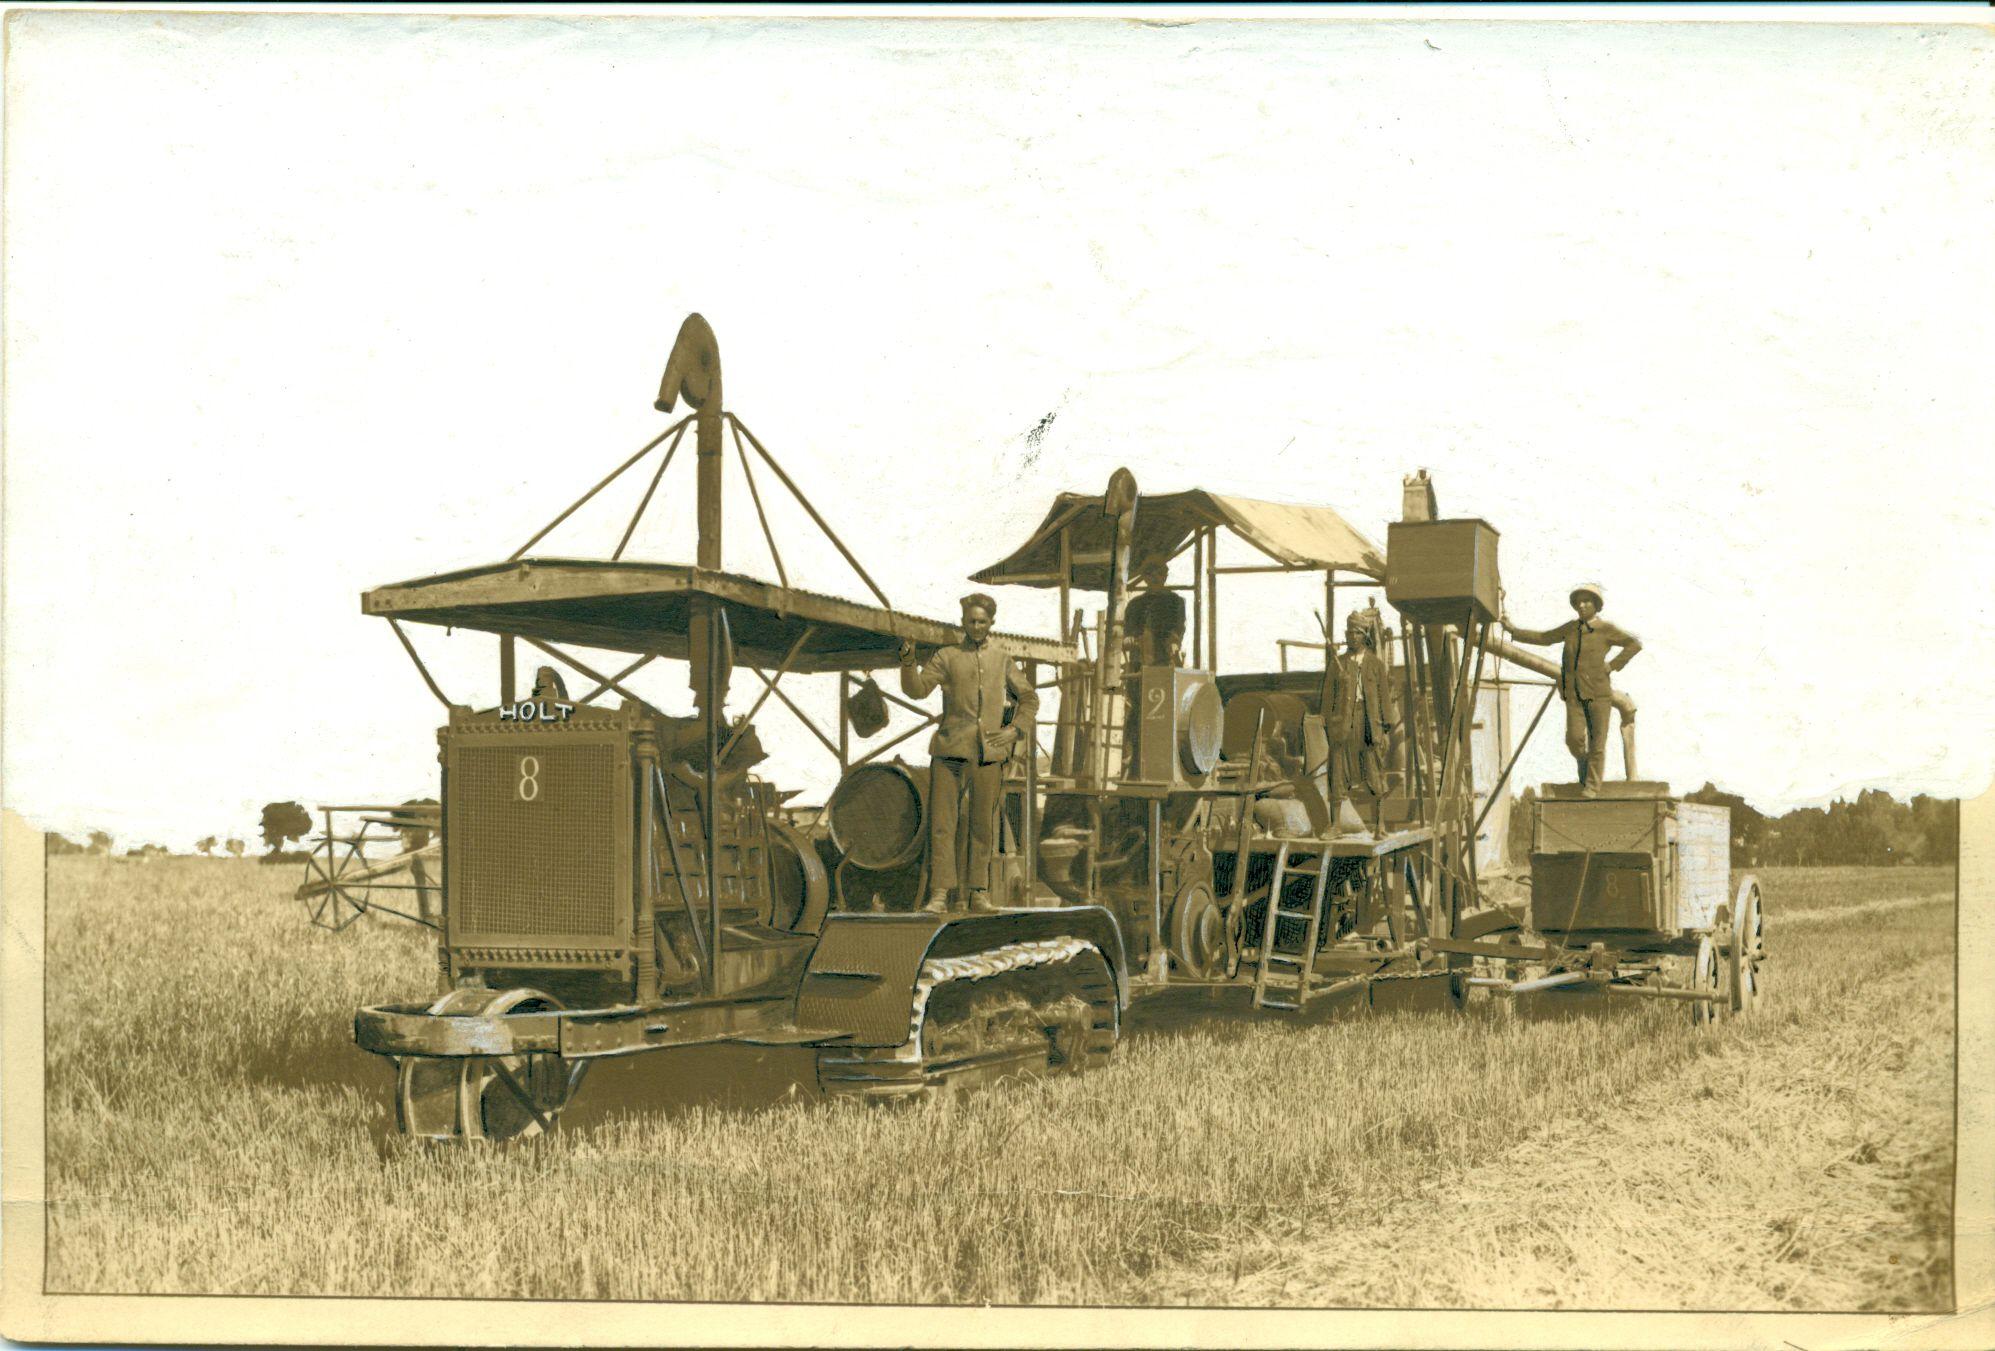 Tractor Holt 60 tirando de una cosechadora combinada Holt en el norte de África, 1912.